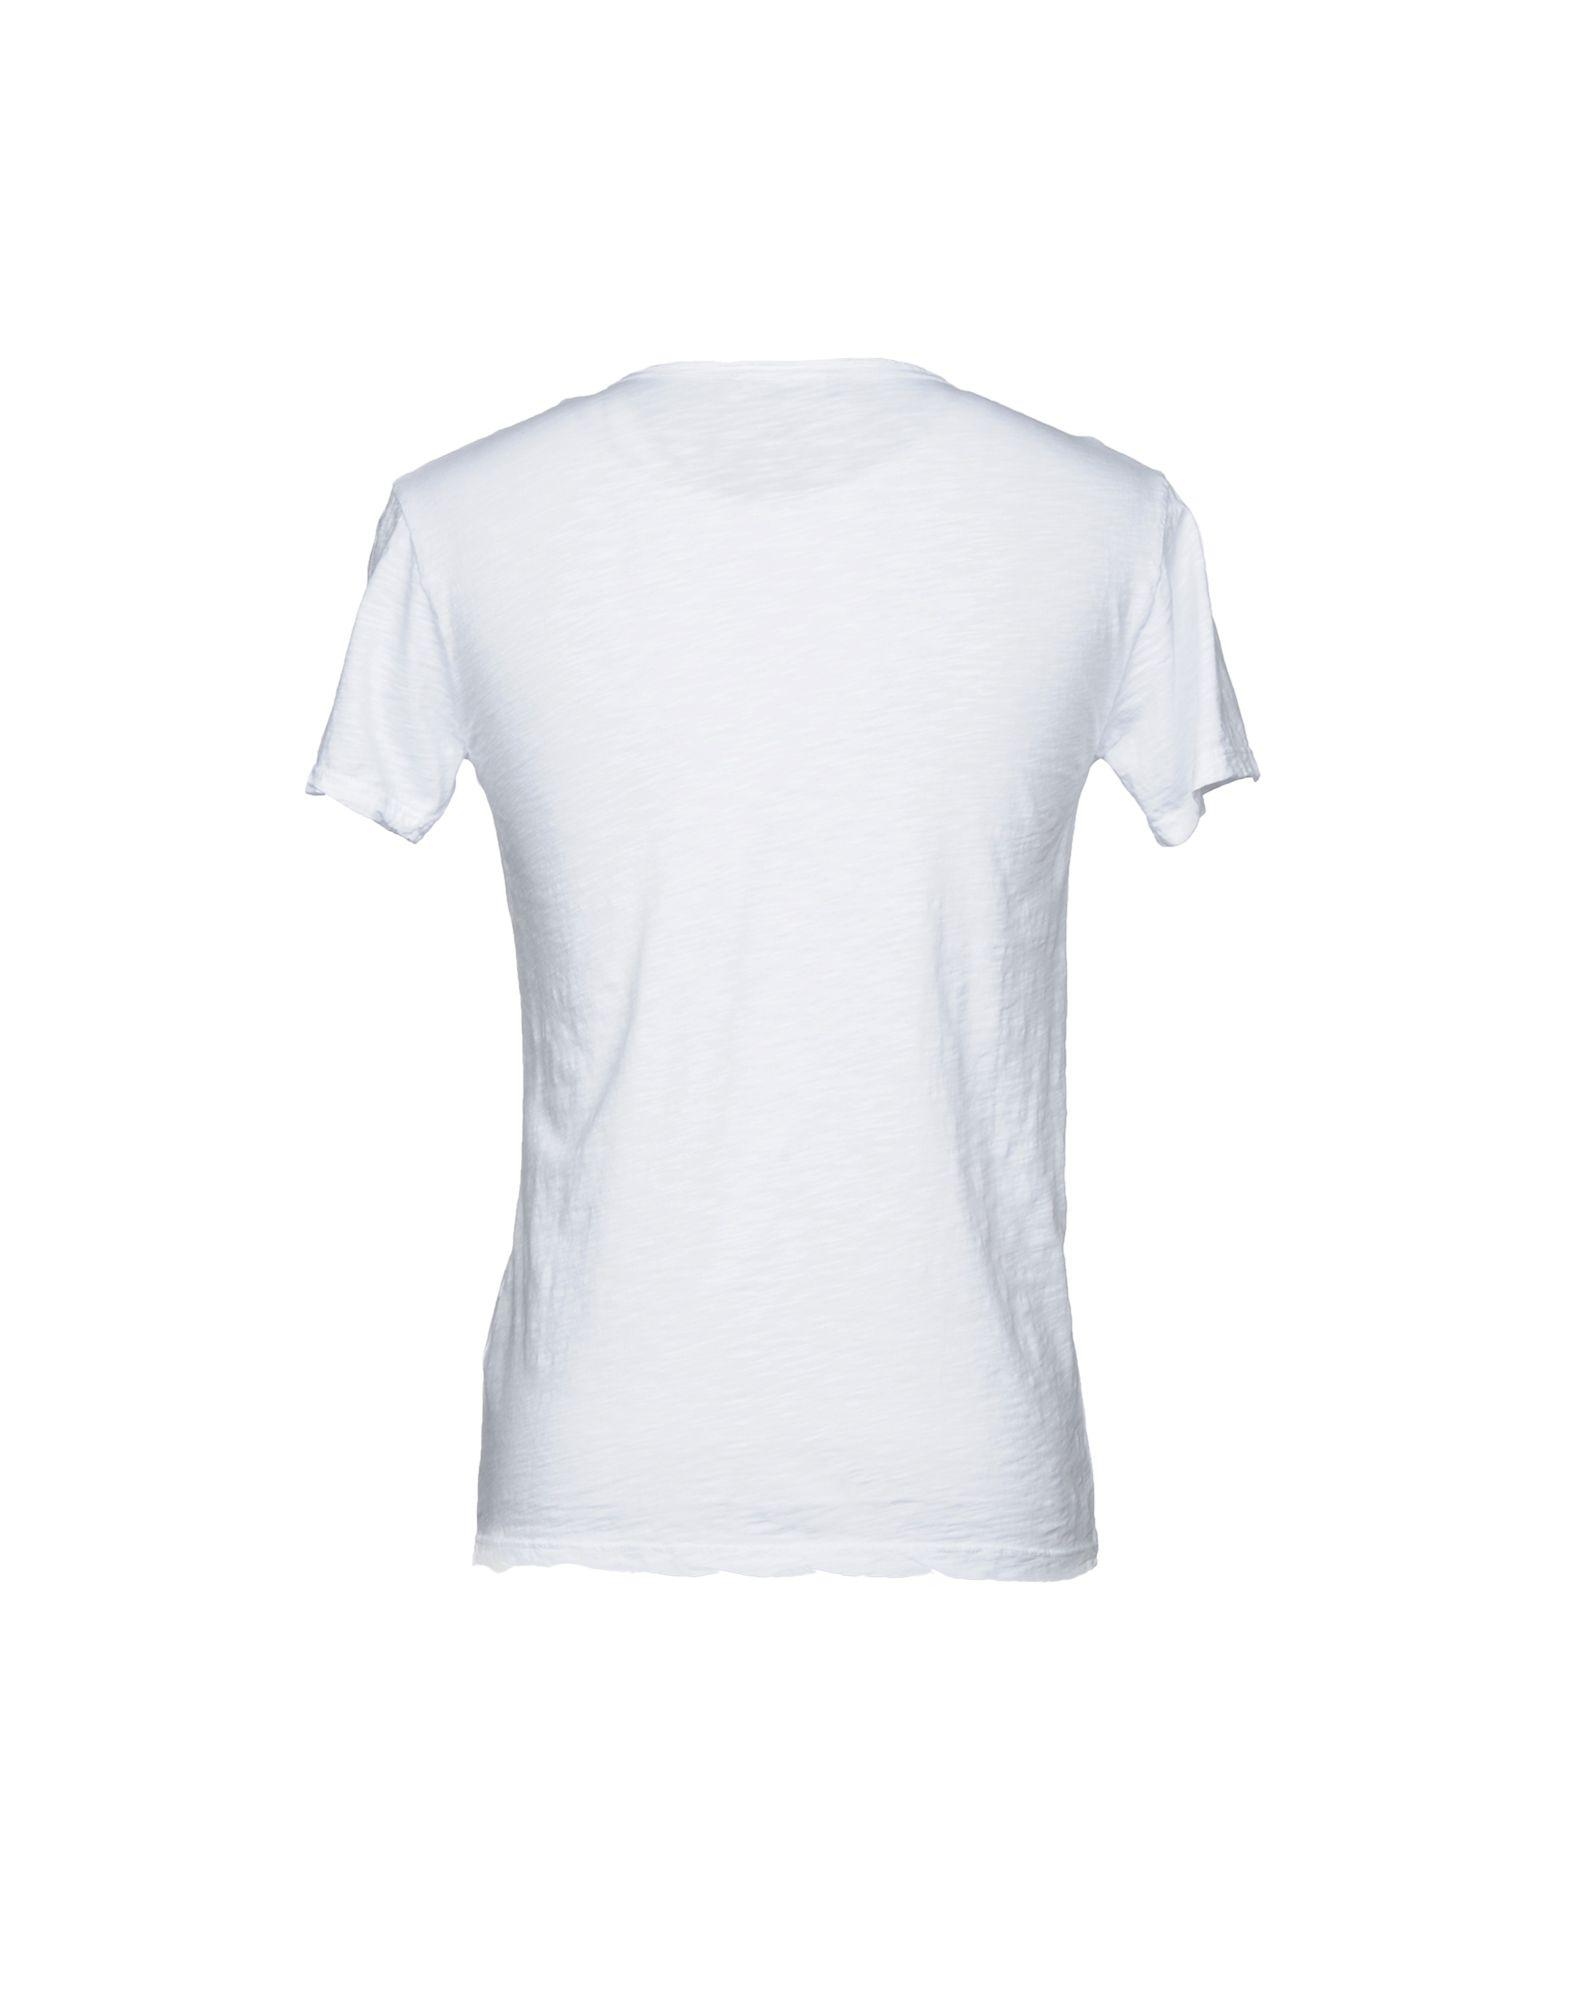 A buon mercato mercato A buon mercato mercato T-Shirt Quintessence Uomo - 12136749WF 6e6eea